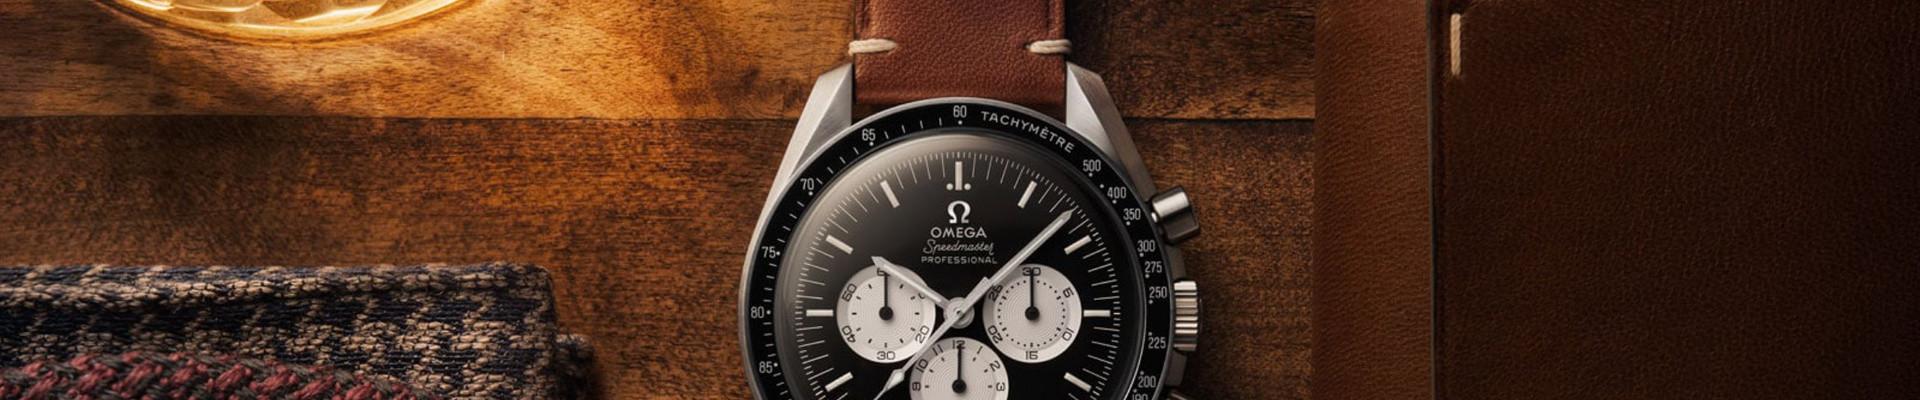 Omega Leon Martens Juwelier